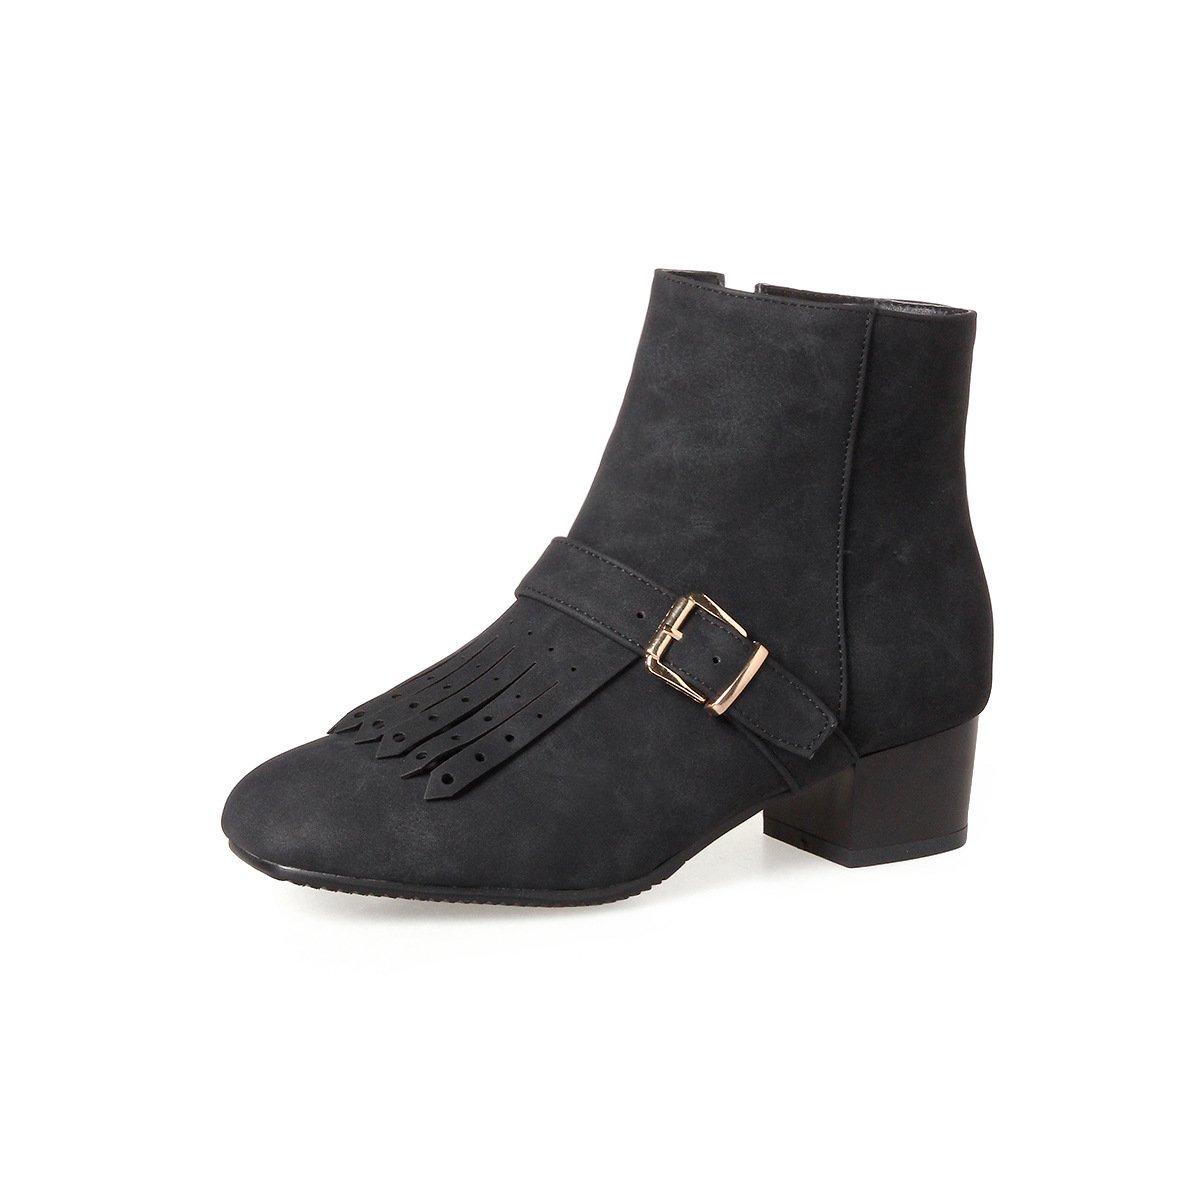 DYF Schuhe Kurze Stiefel Gesäumten Gürtelschnalle Rauhe Rauhe Rauhe Ferse Farbe Groß, Schwarz, 38 08bbee